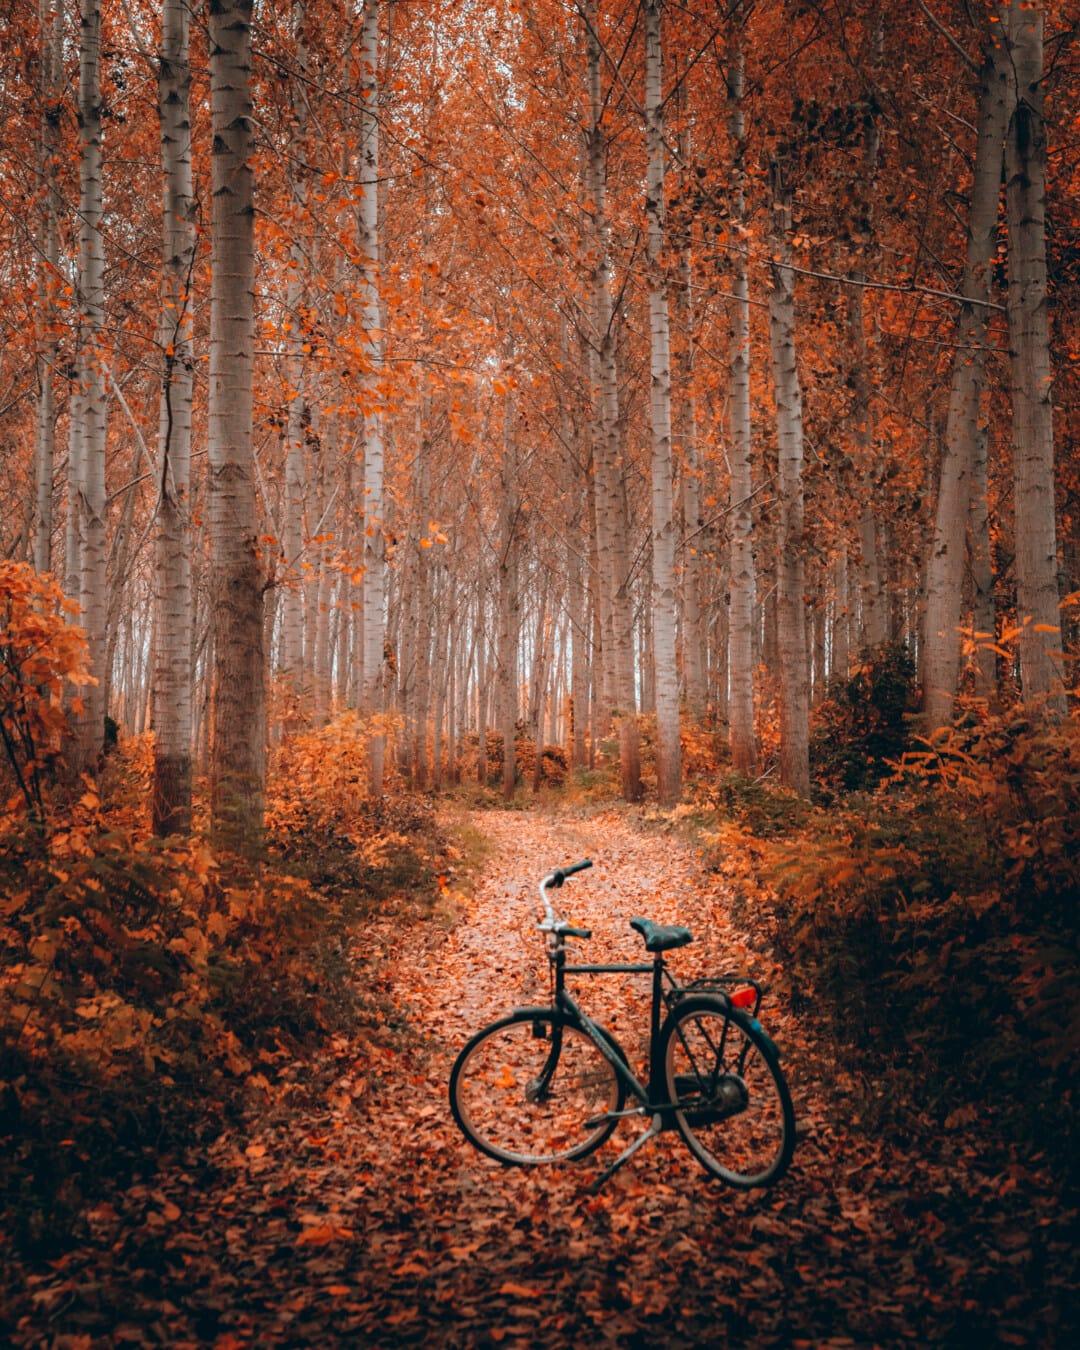 Herbstsaison, Forststraße, Waldweg, Wald, Fahrrad, Bäume, Pappel, Herbst, Landschaft, Struktur